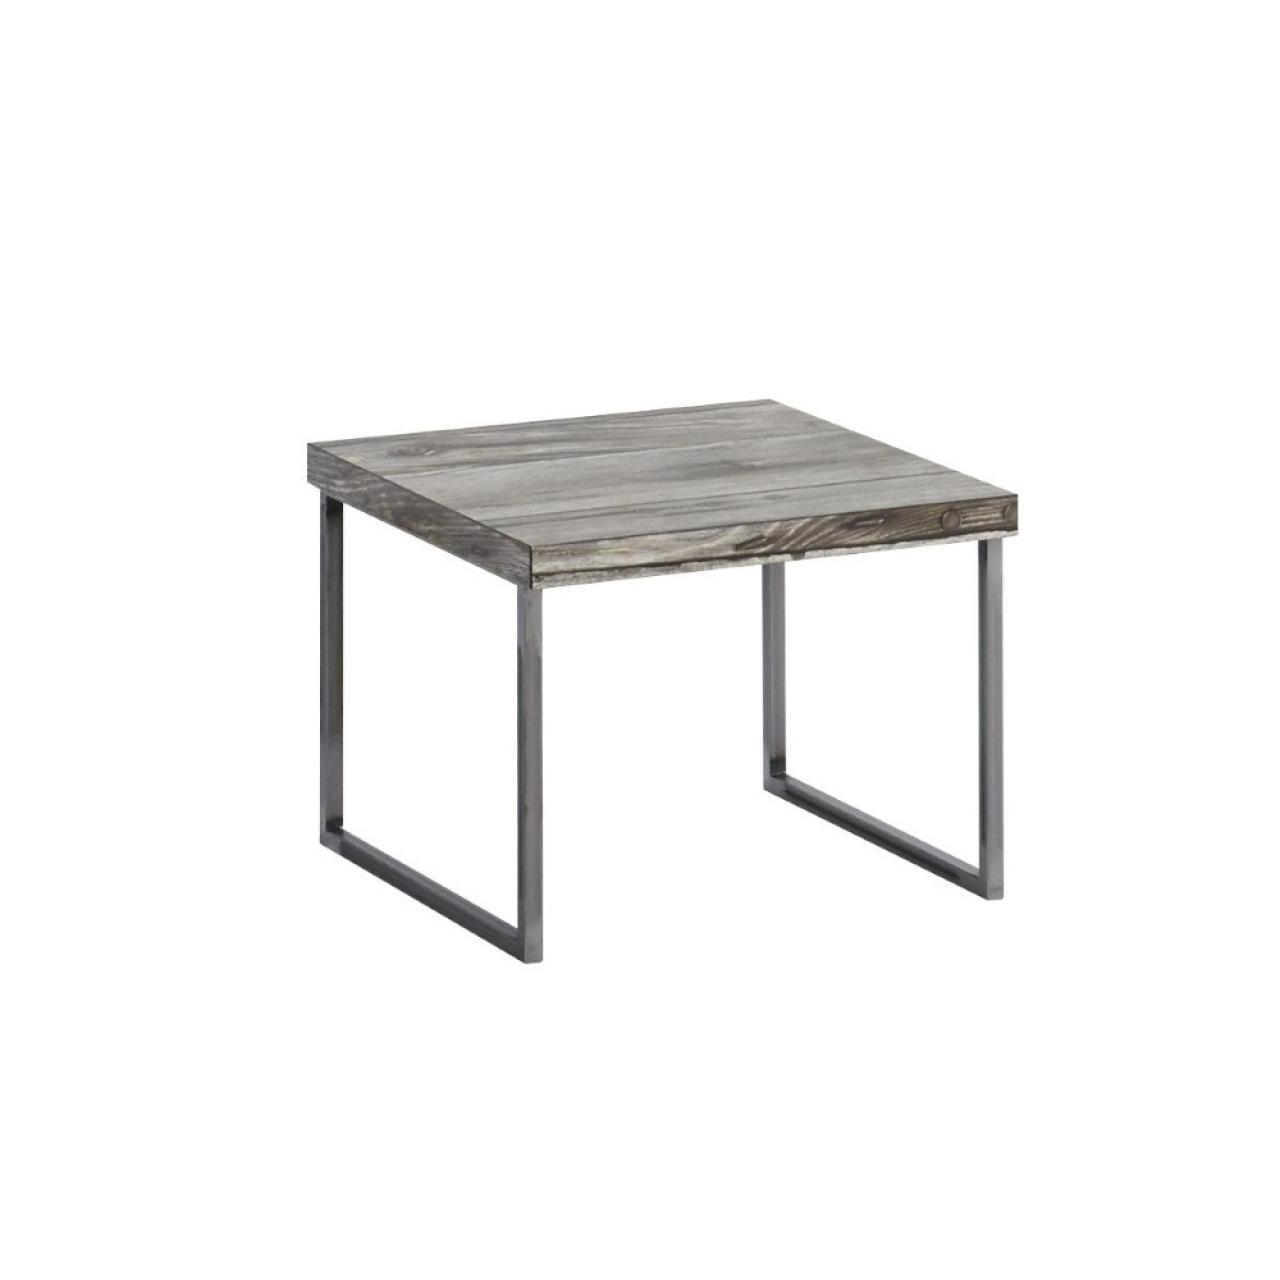 nachtkommode timberstyle nachttische schlafen m bel j hnichen center gmbh. Black Bedroom Furniture Sets. Home Design Ideas